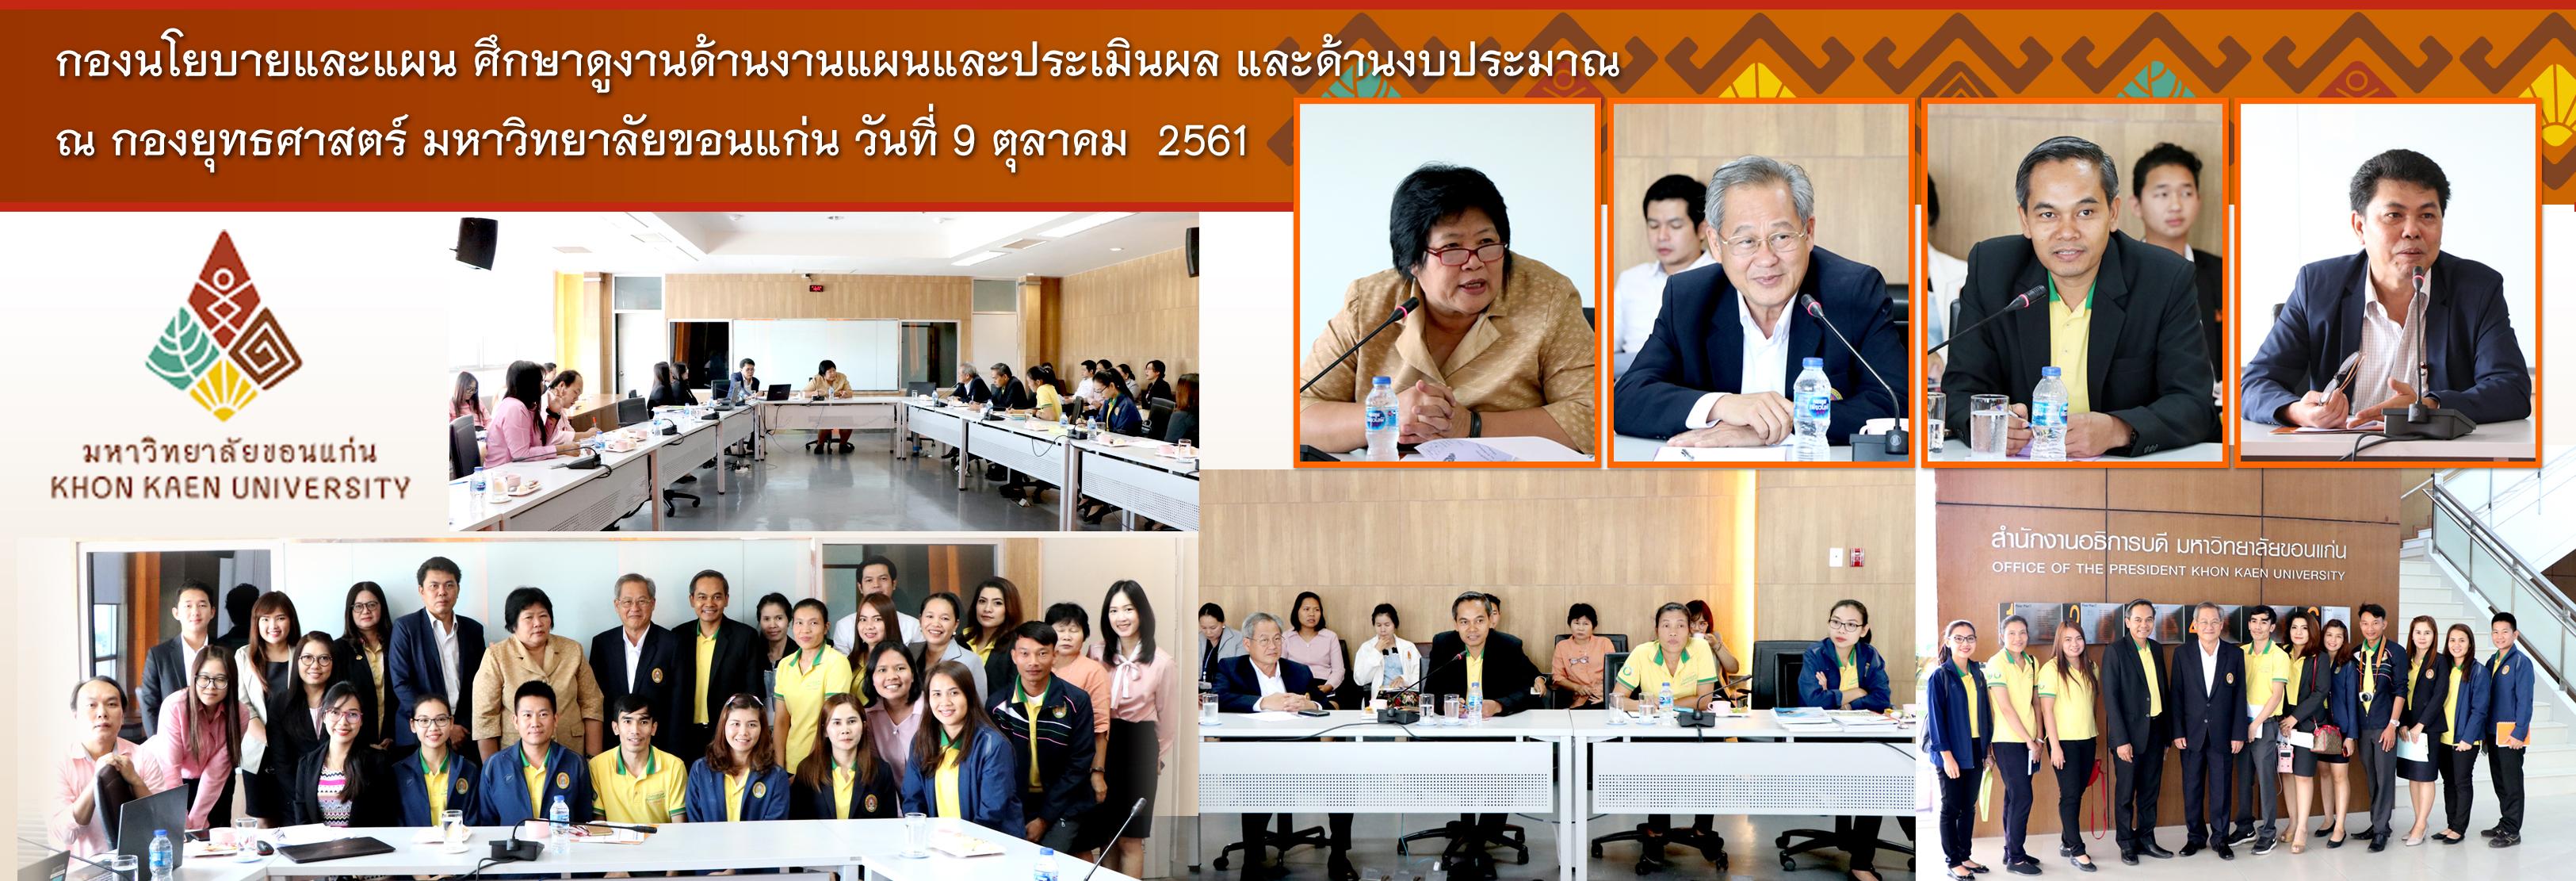 กองนโยบายและแผน ศึกษาดูงานด้านงานแผนและประเมินผล และด้านงบประมาณ ณ กองยุทธศาสตร์ มหาวิทยาลัยขอนแก่น วันที่ 9 ตุลาคม 2561